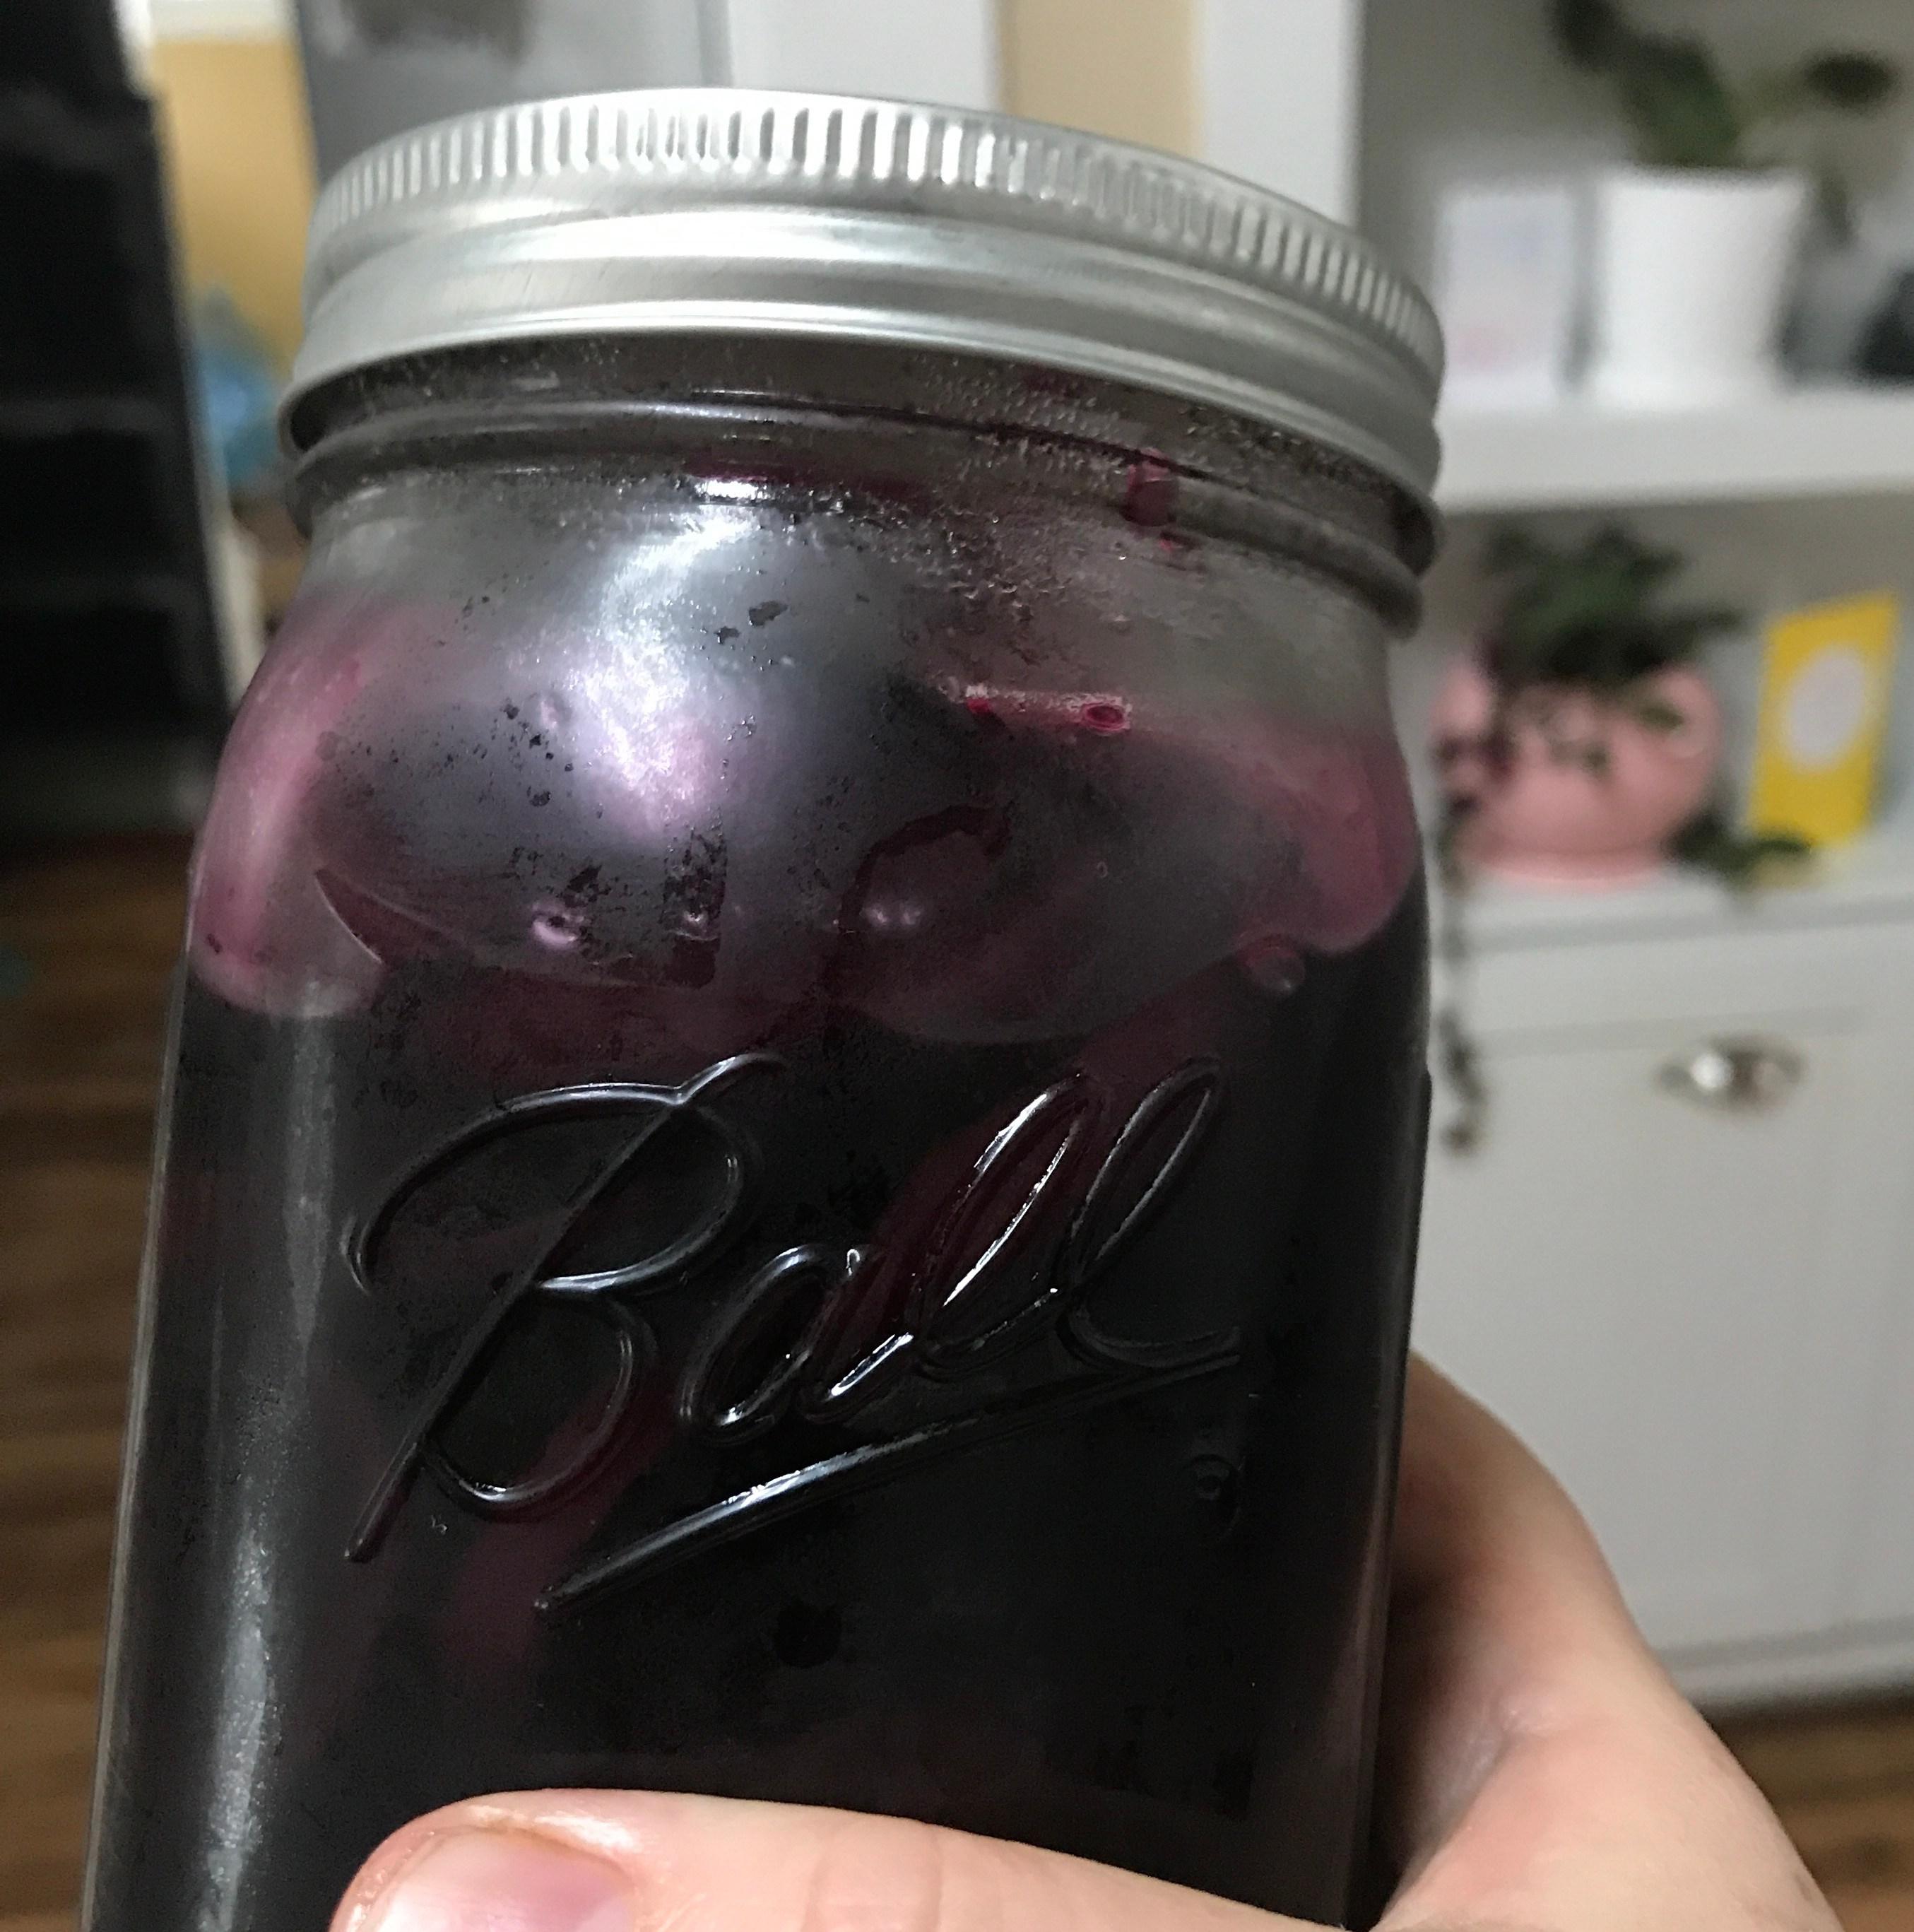 a glass quart jar of purple beets